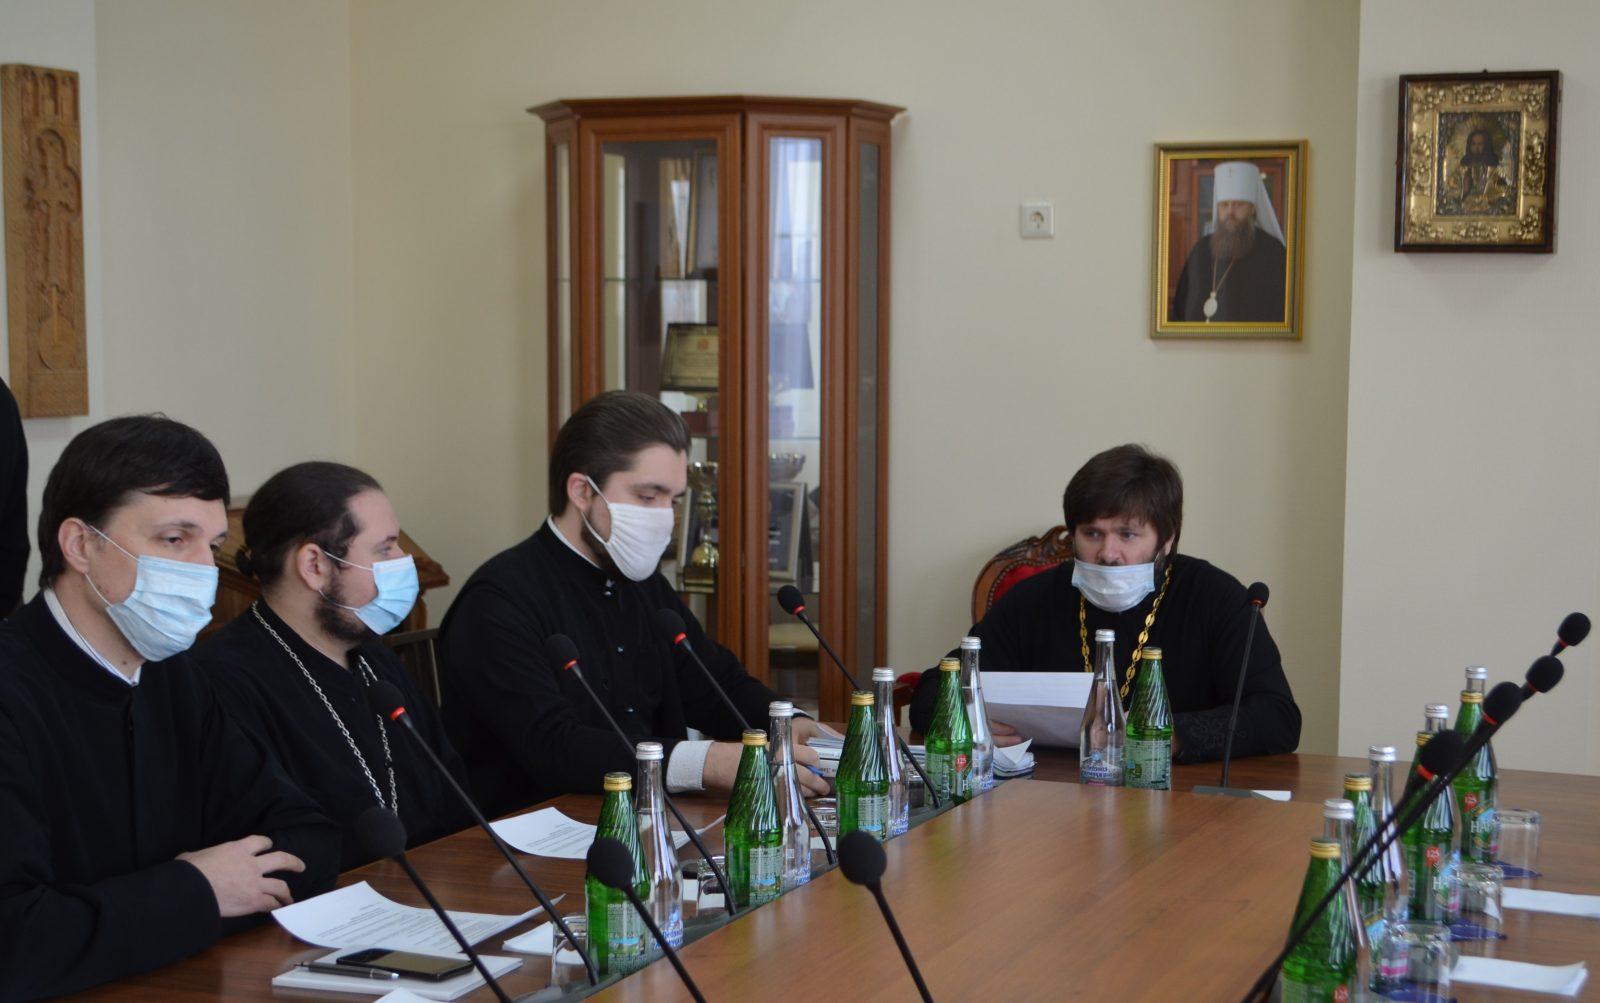 В Донской духовной семинарии по благословению ректора состоялось воспитательское совещание